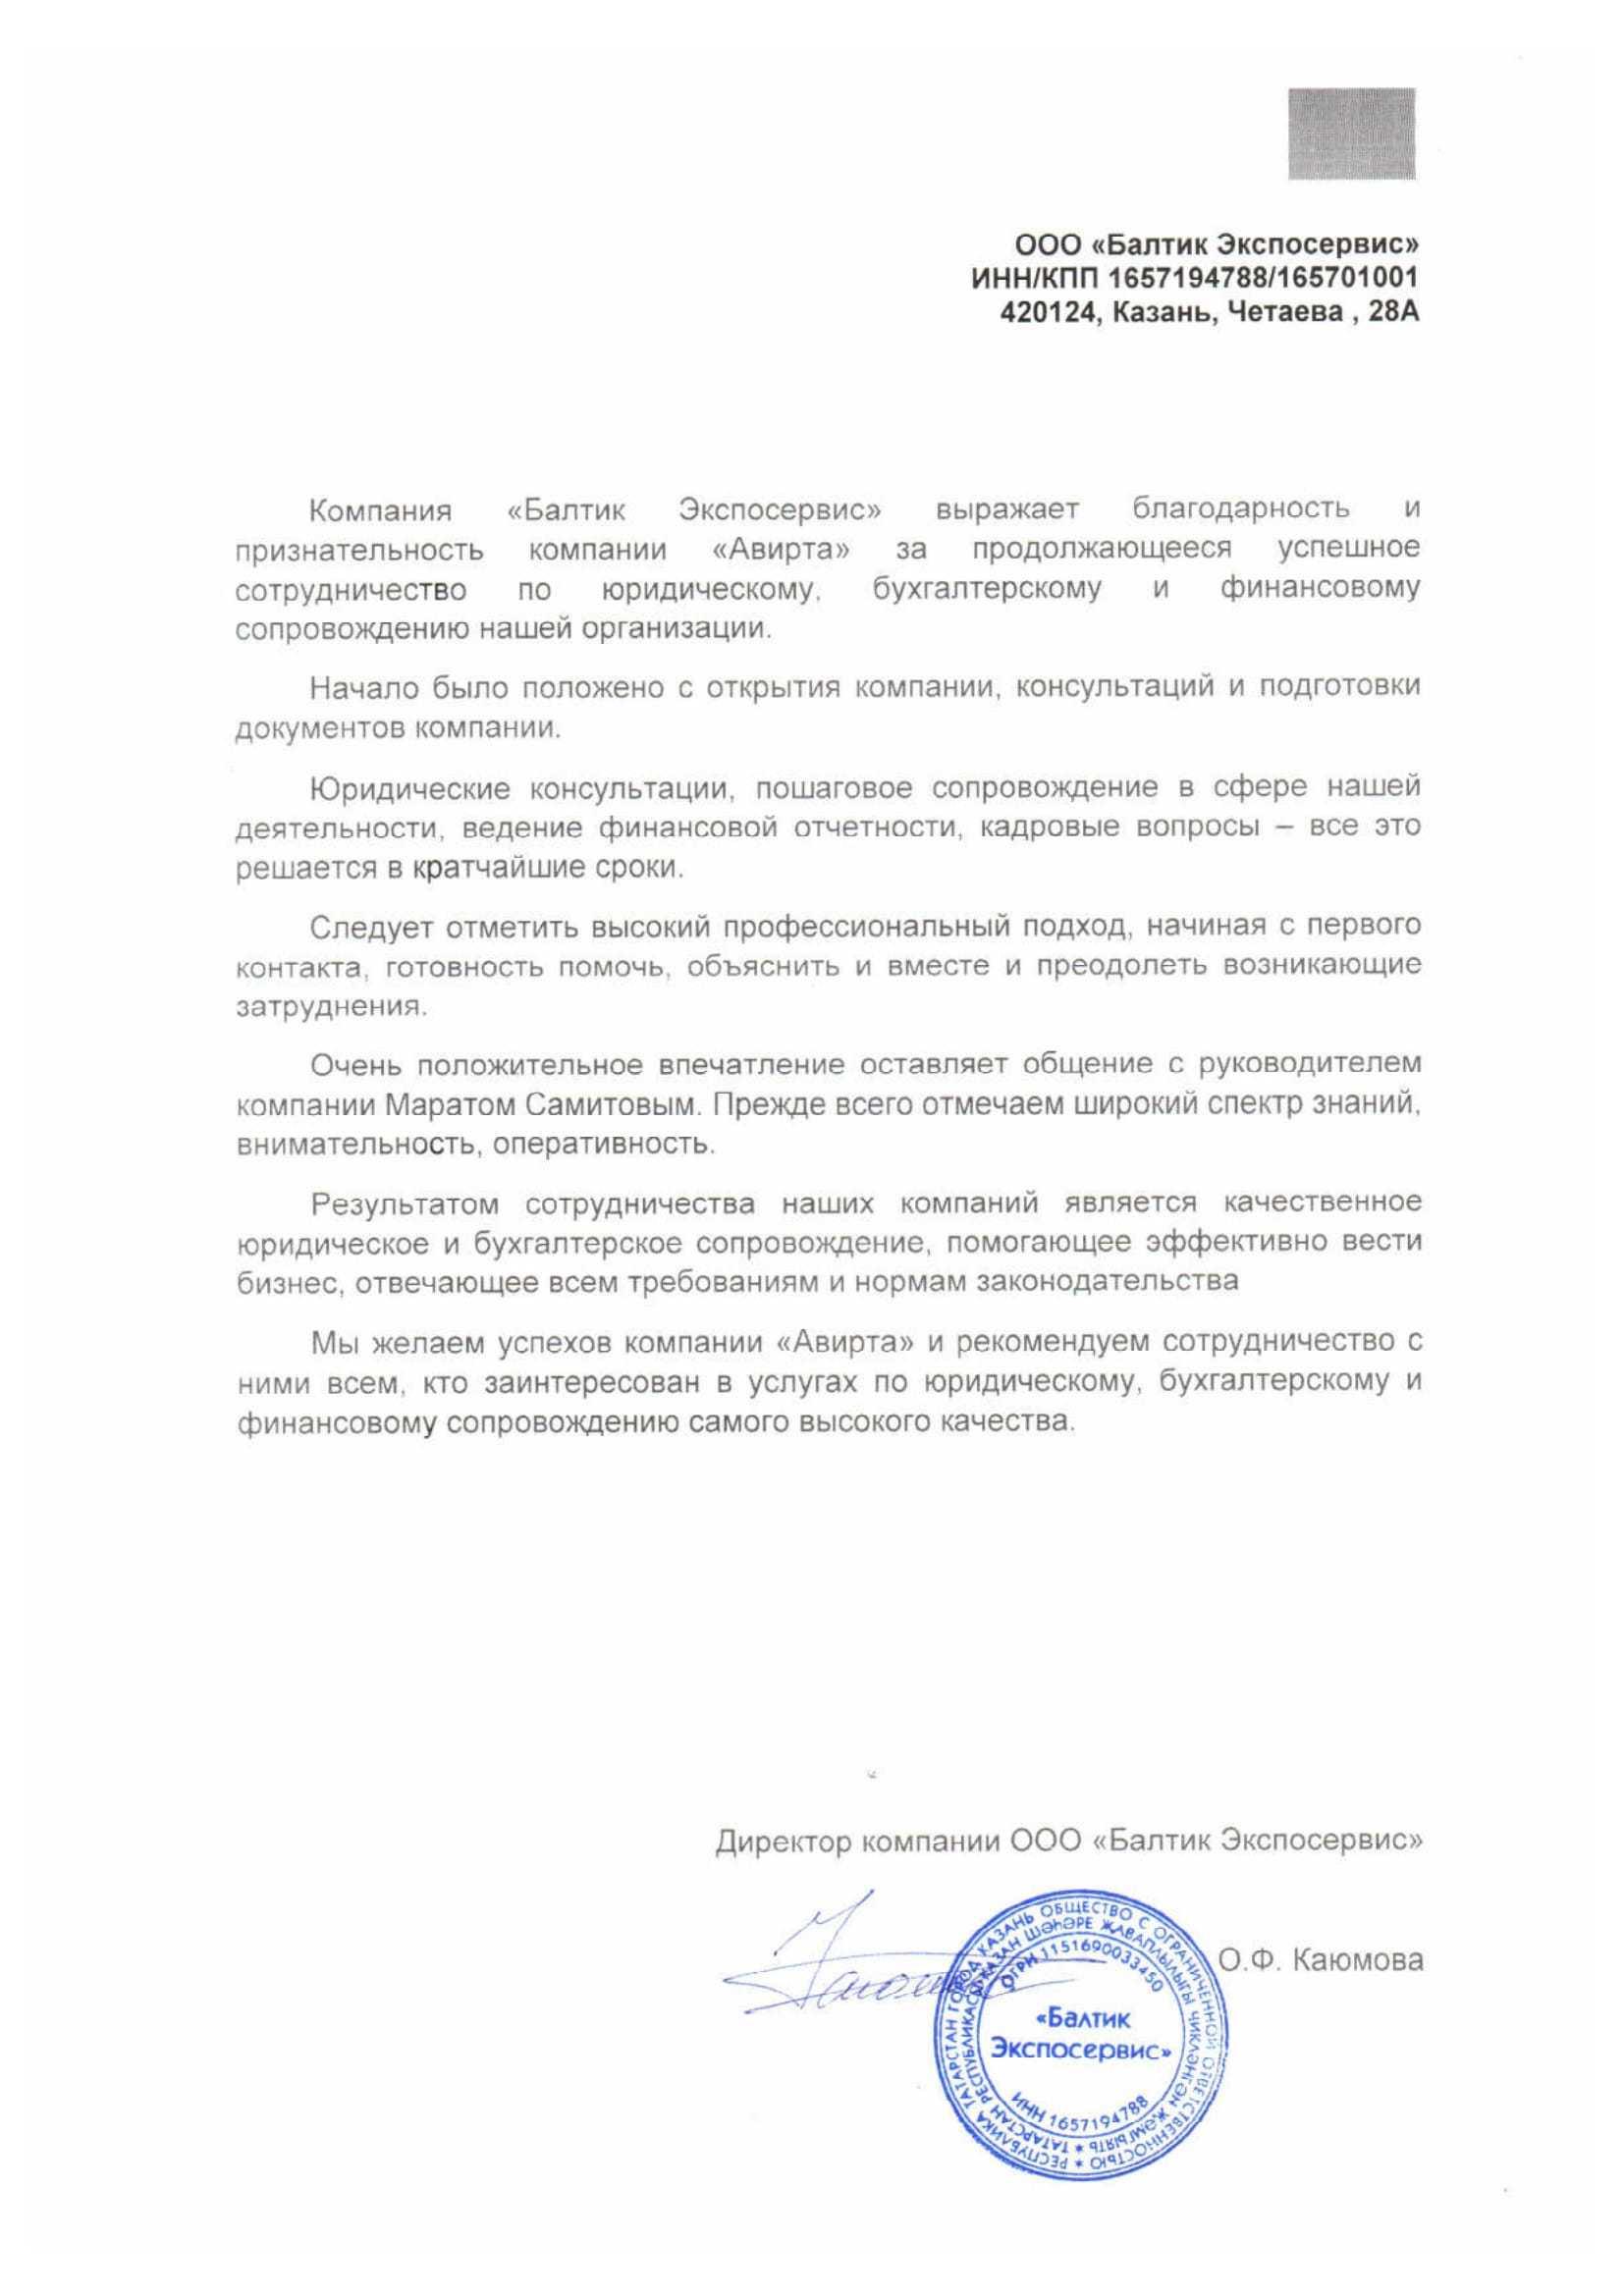 заявление о передаче отчетности в электронном виде